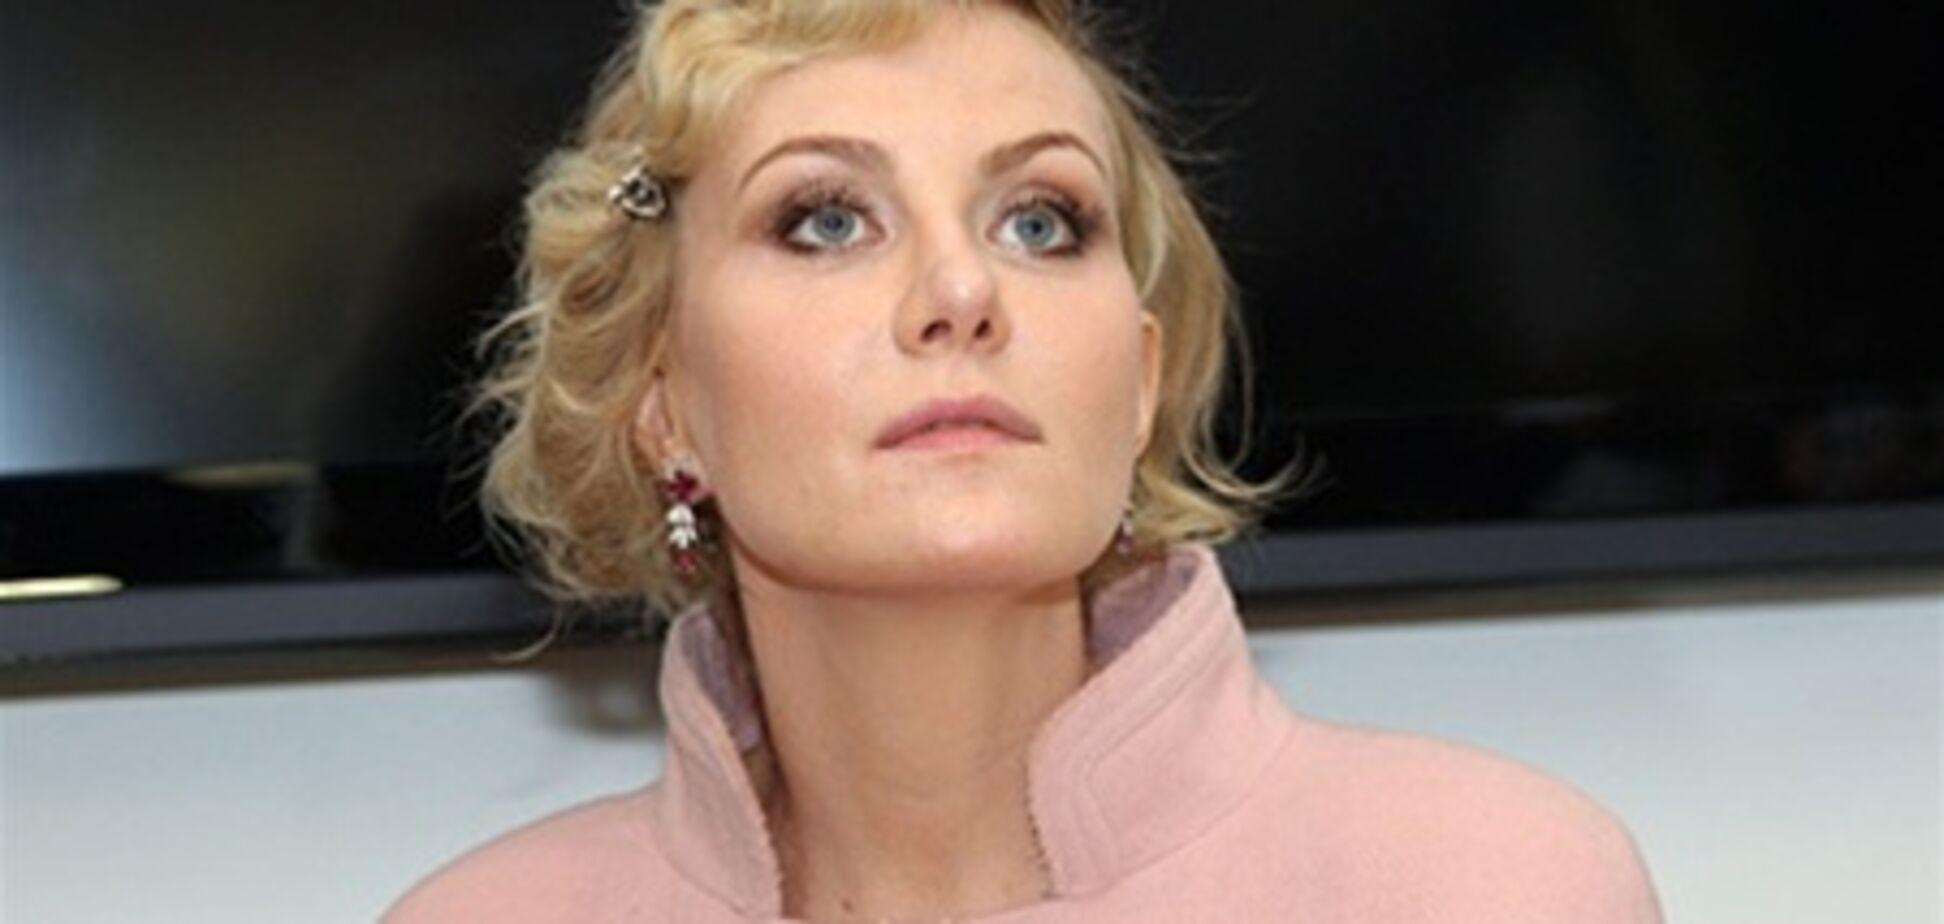 Литвинова показала, как выглядит без фотошопа и косметики